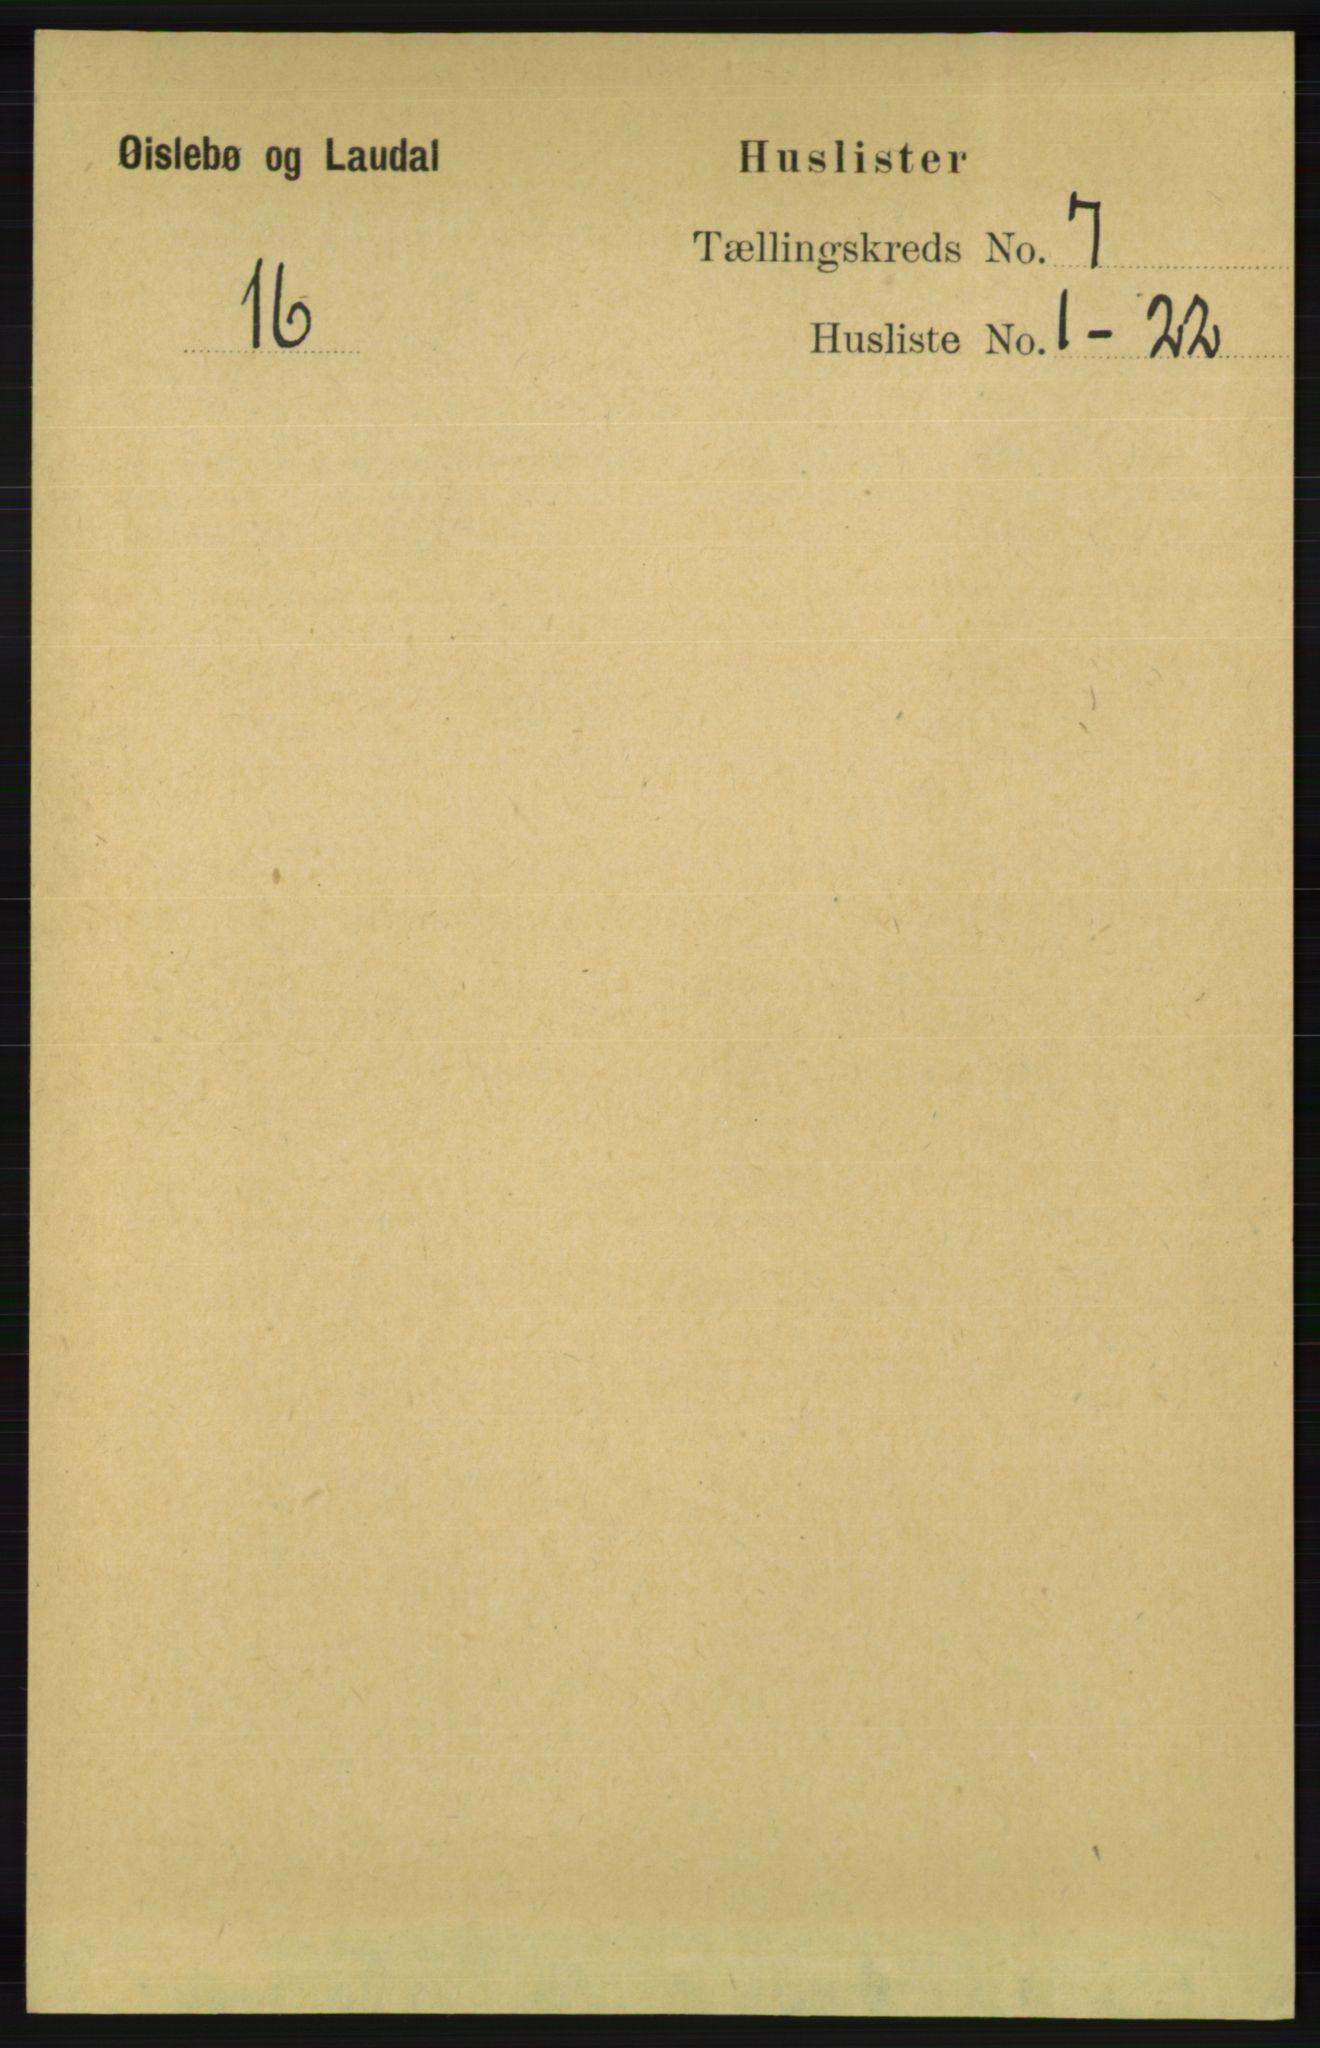 RA, Folketelling 1891 for 1021 Øyslebø og Laudal herred, 1891, s. 1901